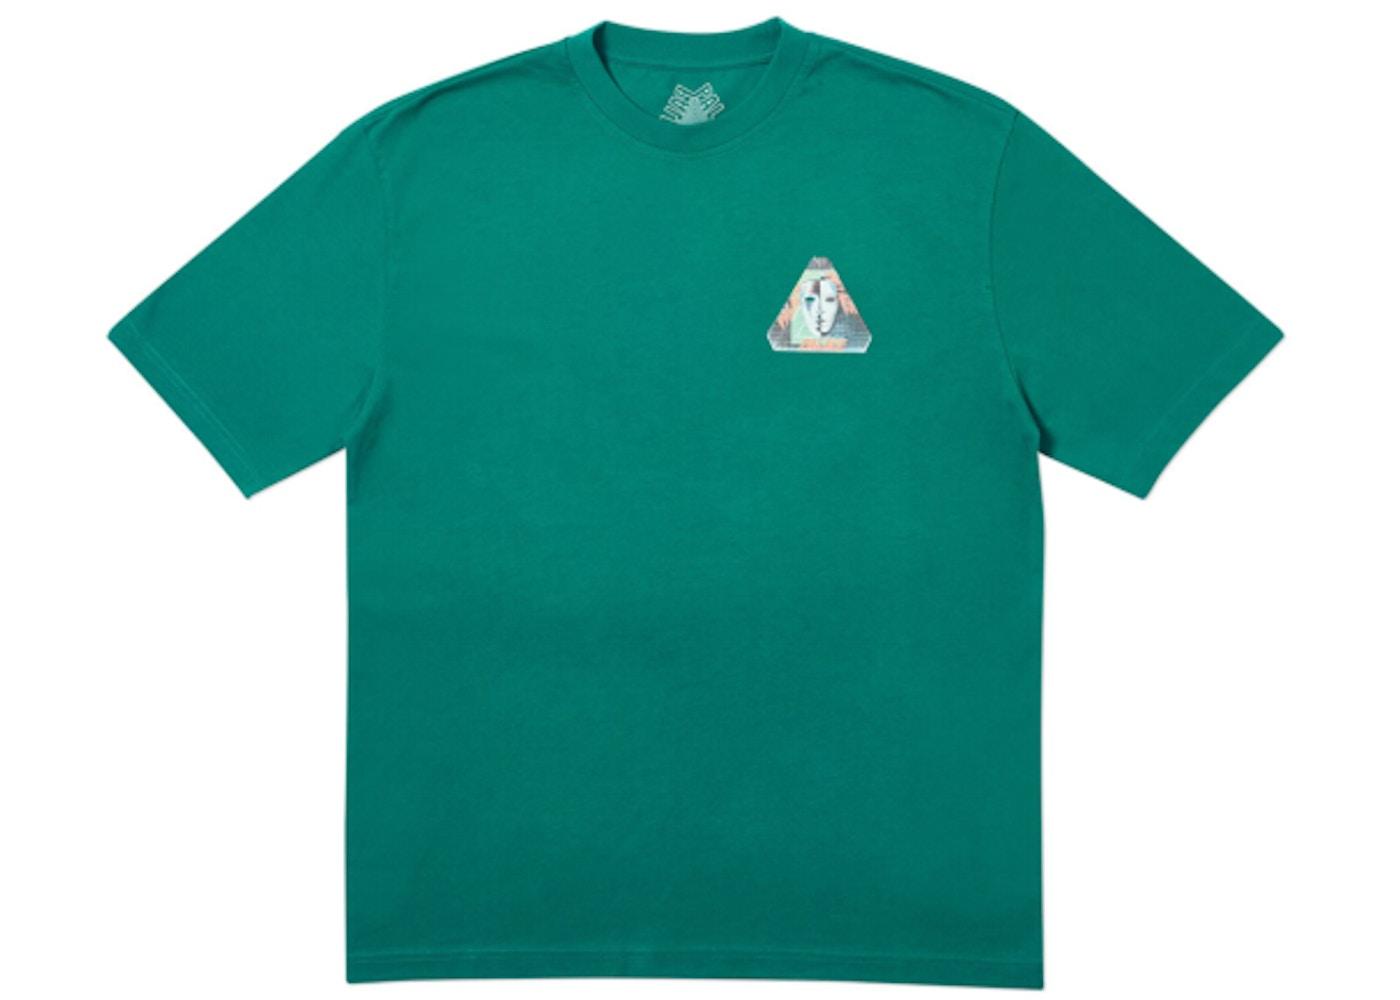 0d79320c Palace Tri-Bury T-Shirt Green - SS19